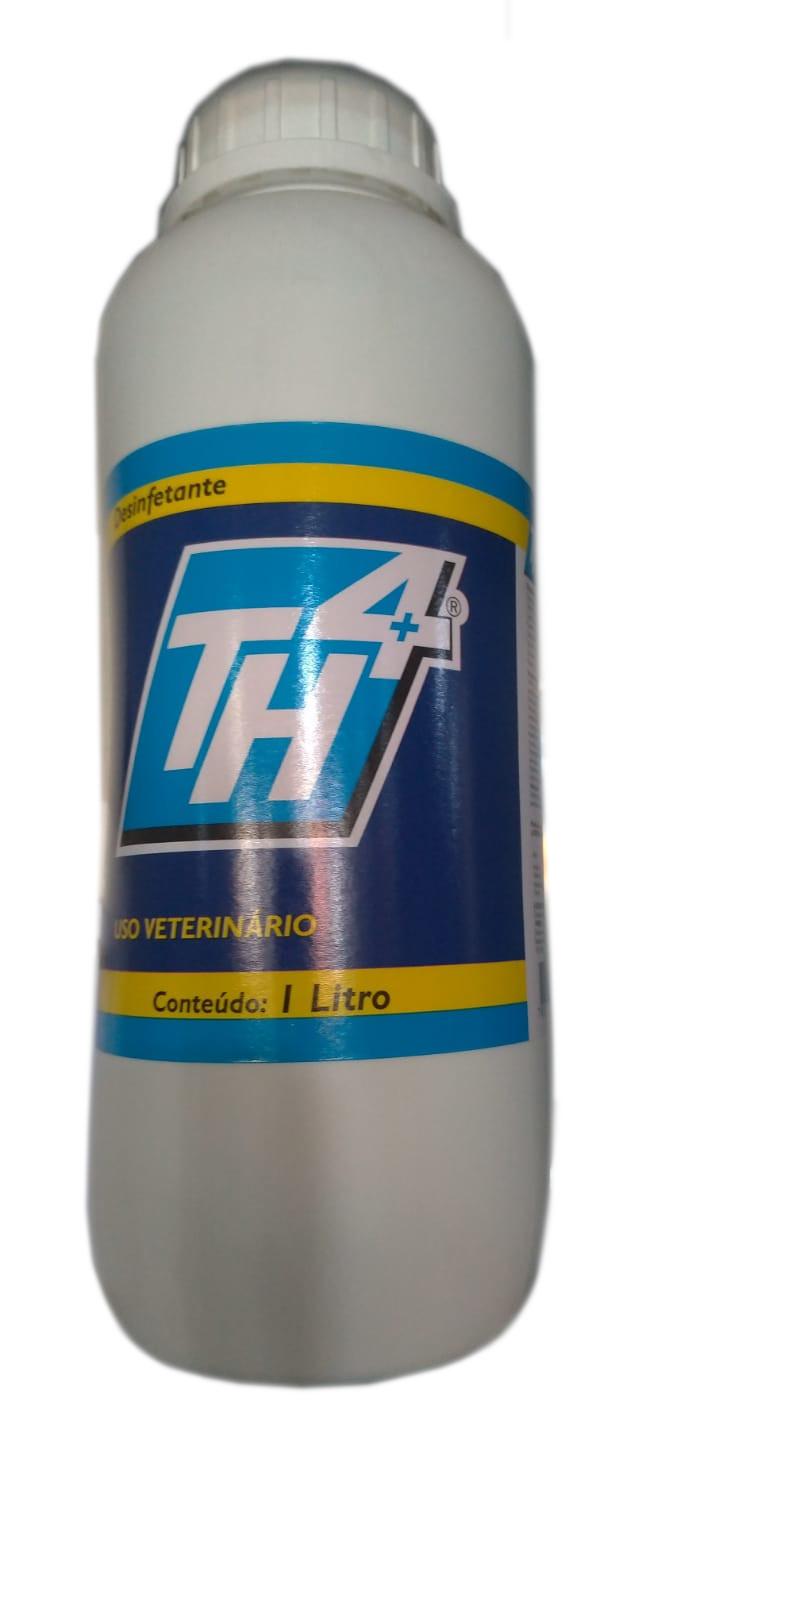 TH4 Desinfetante Veterinário - 1L e 5L